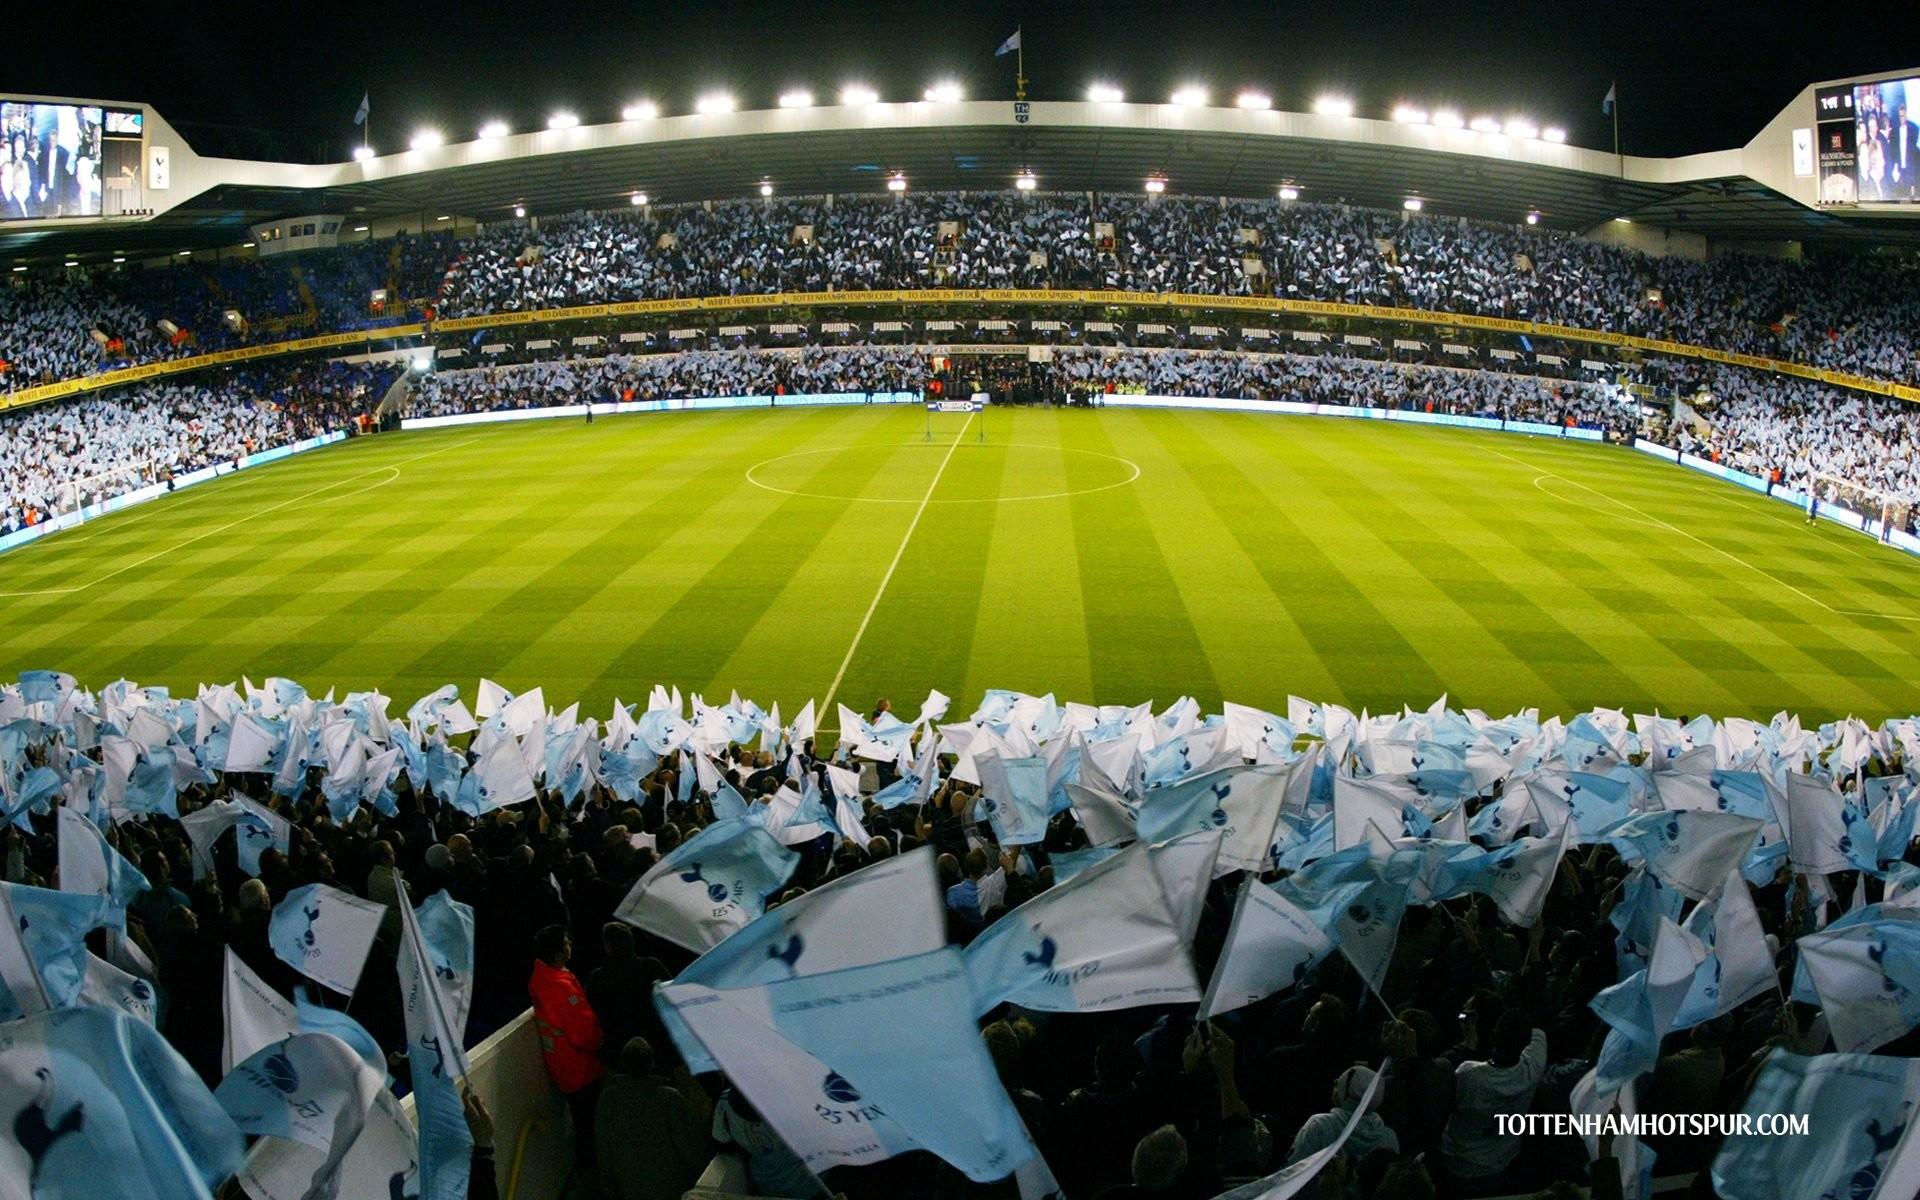 Tottenham Hotspur Hd